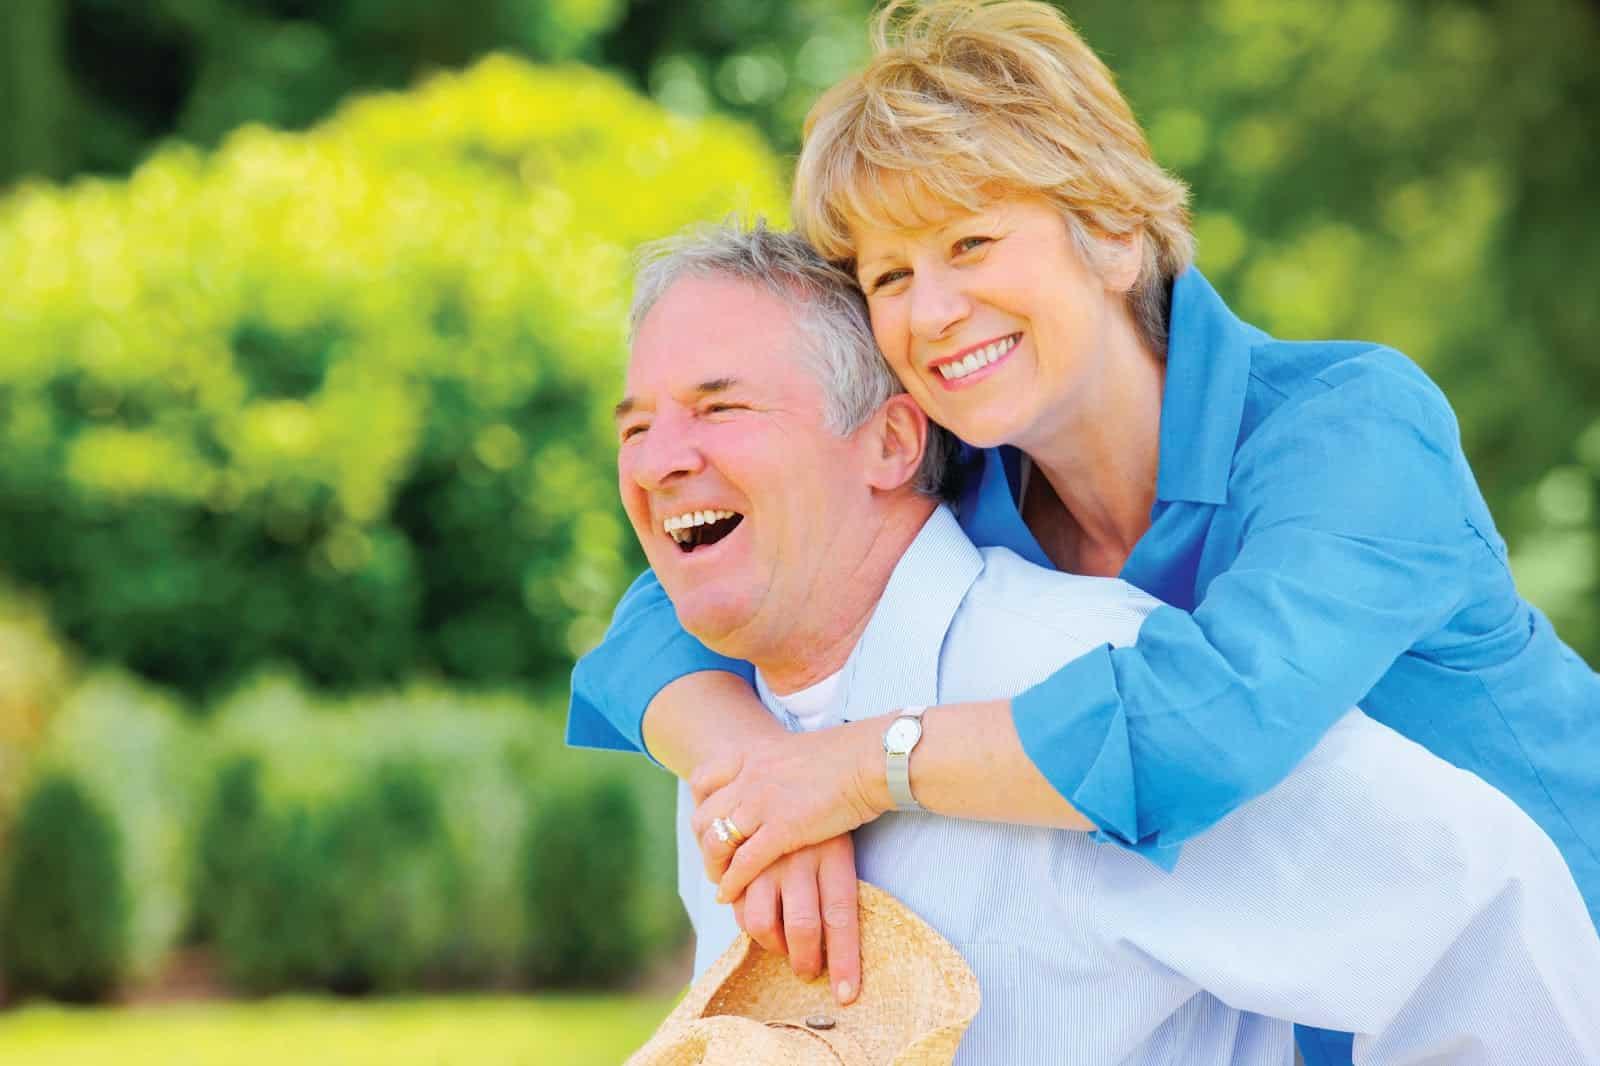 Chia Sẻ Cách Chăm Sóc Sức Khỏe Người Cao Tuổi